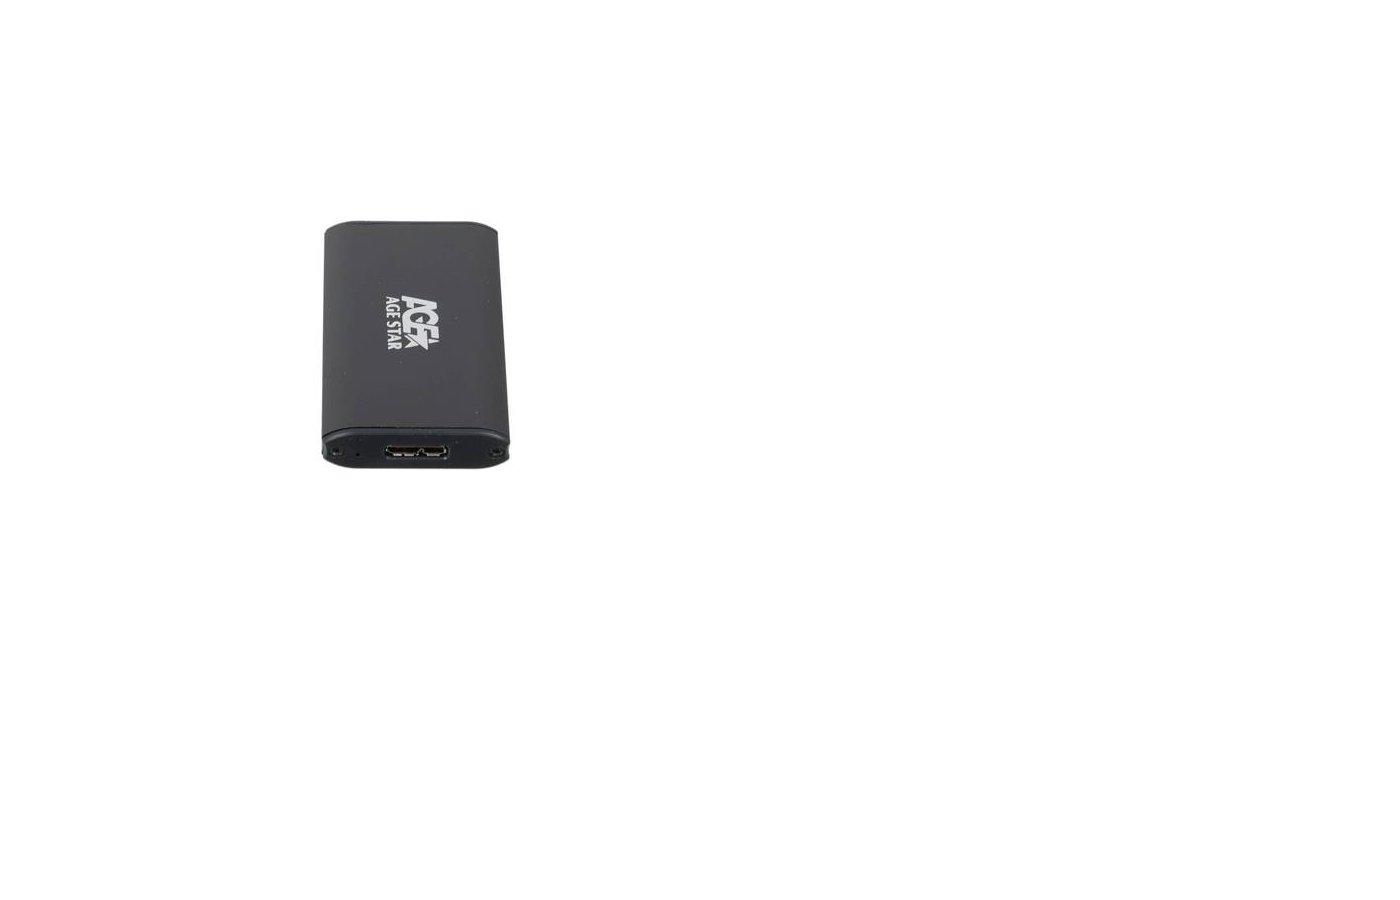 Корпус для жесткого диска AgeStar 3UBMS1 mSATA USB 3.0 пластик/алюминий черный